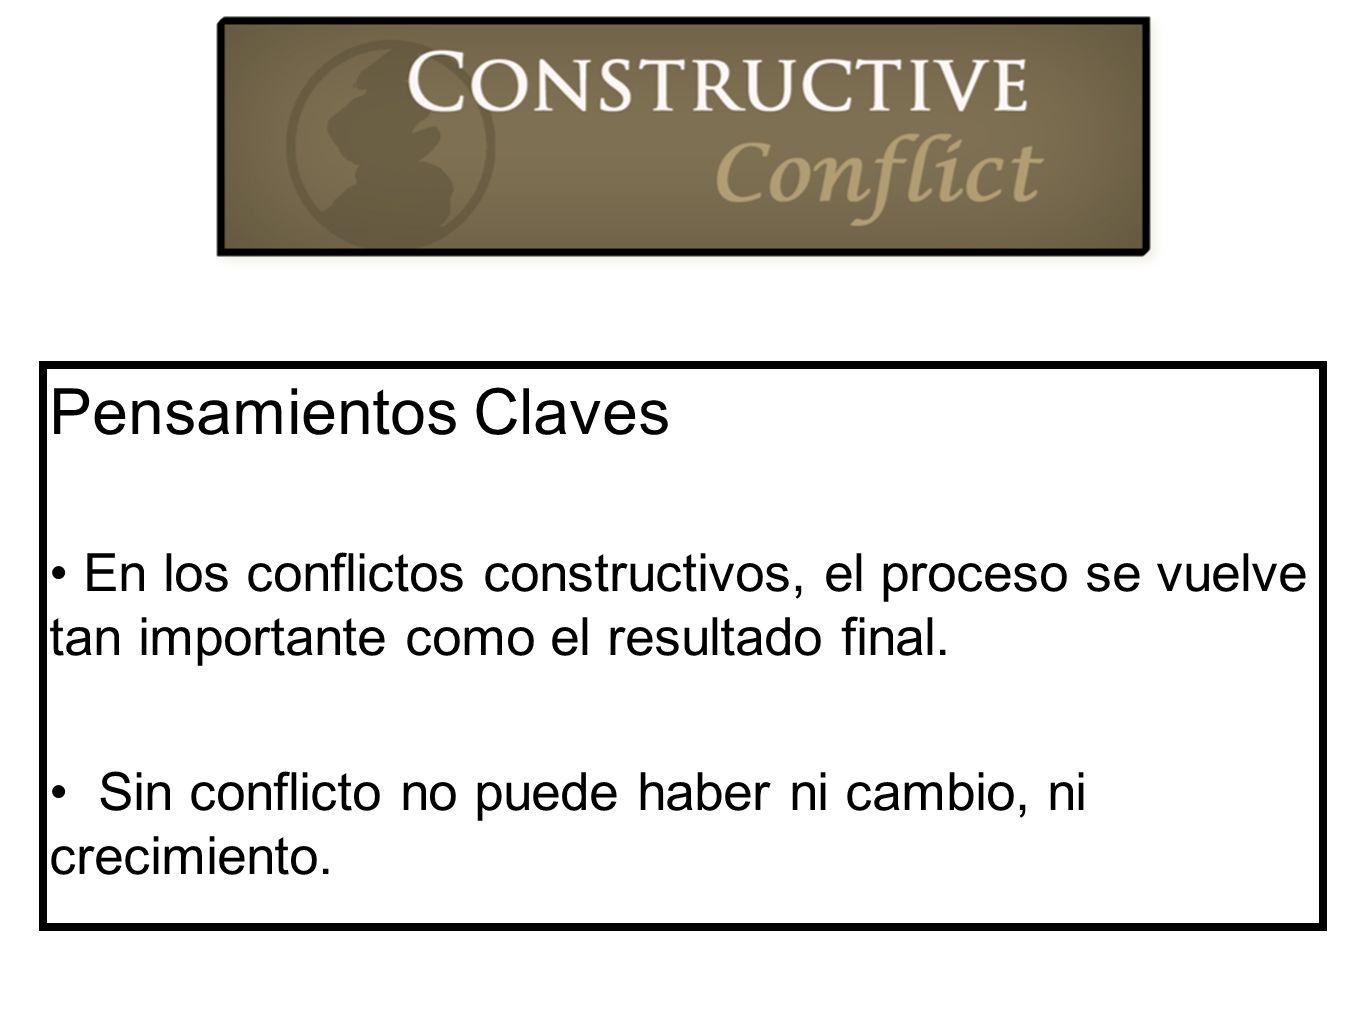 Pensamientos Claves En los conflictos constructivos, el proceso se vuelve tan importante como el resultado final. Sin conflicto no puede haber ni camb